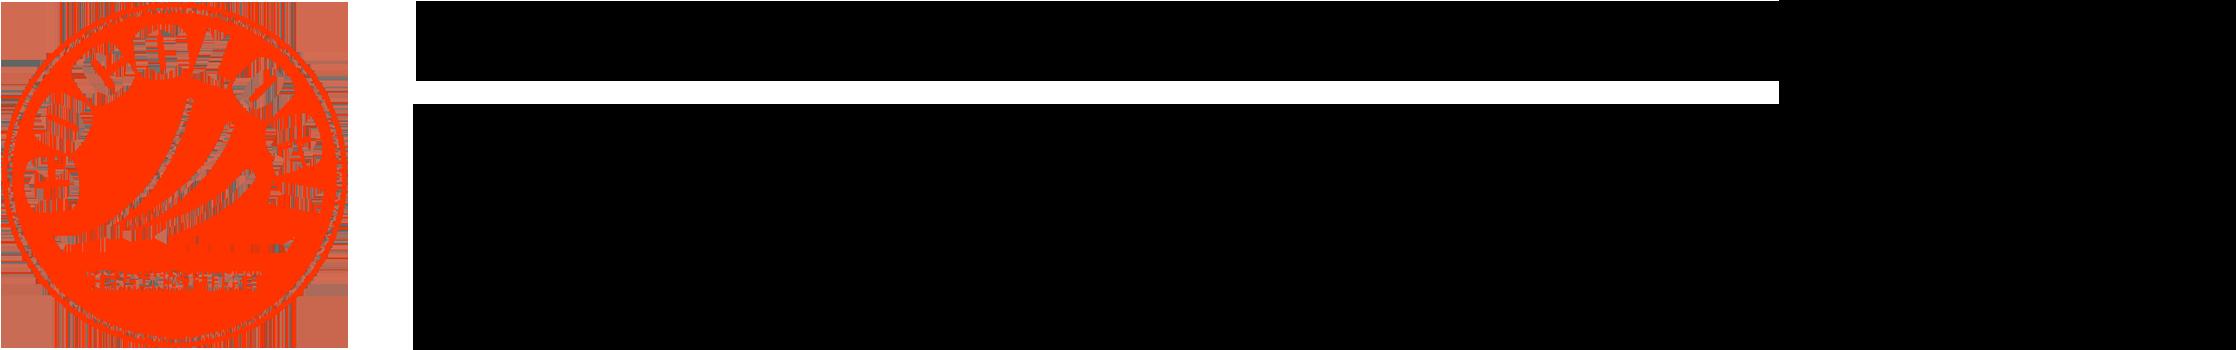 株式会社ココロジ 一般貨物自動車運送事業 - 京都